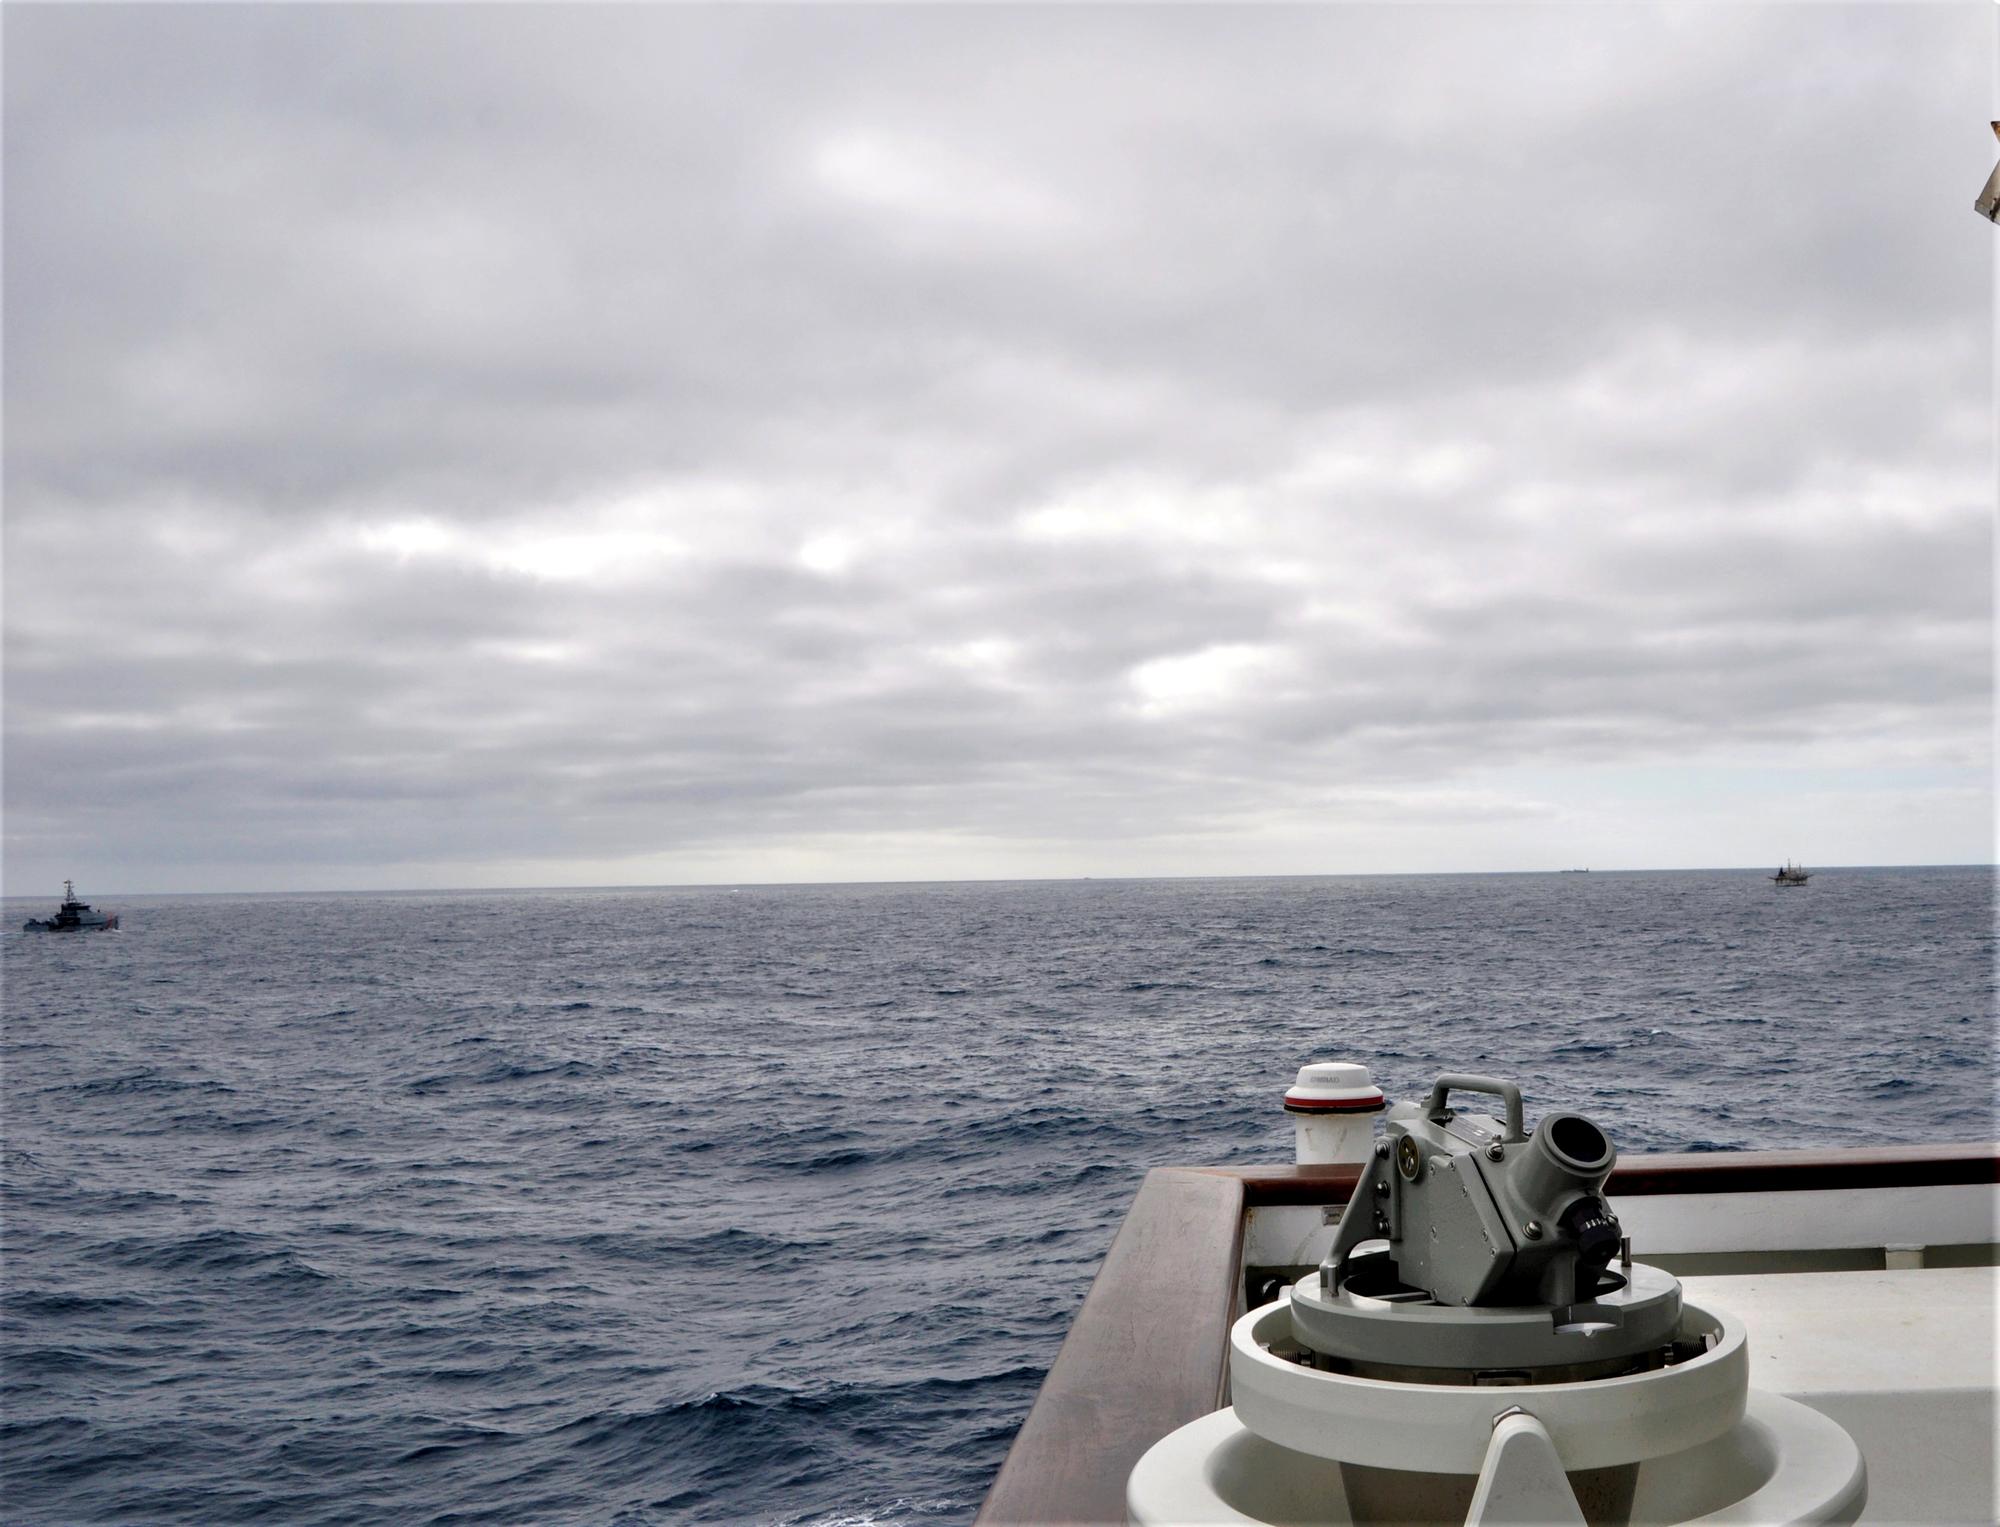 PHOTO: U.S. Coast Guard, Ecuadorian navy conduct joint patrol off Galapagos Islands